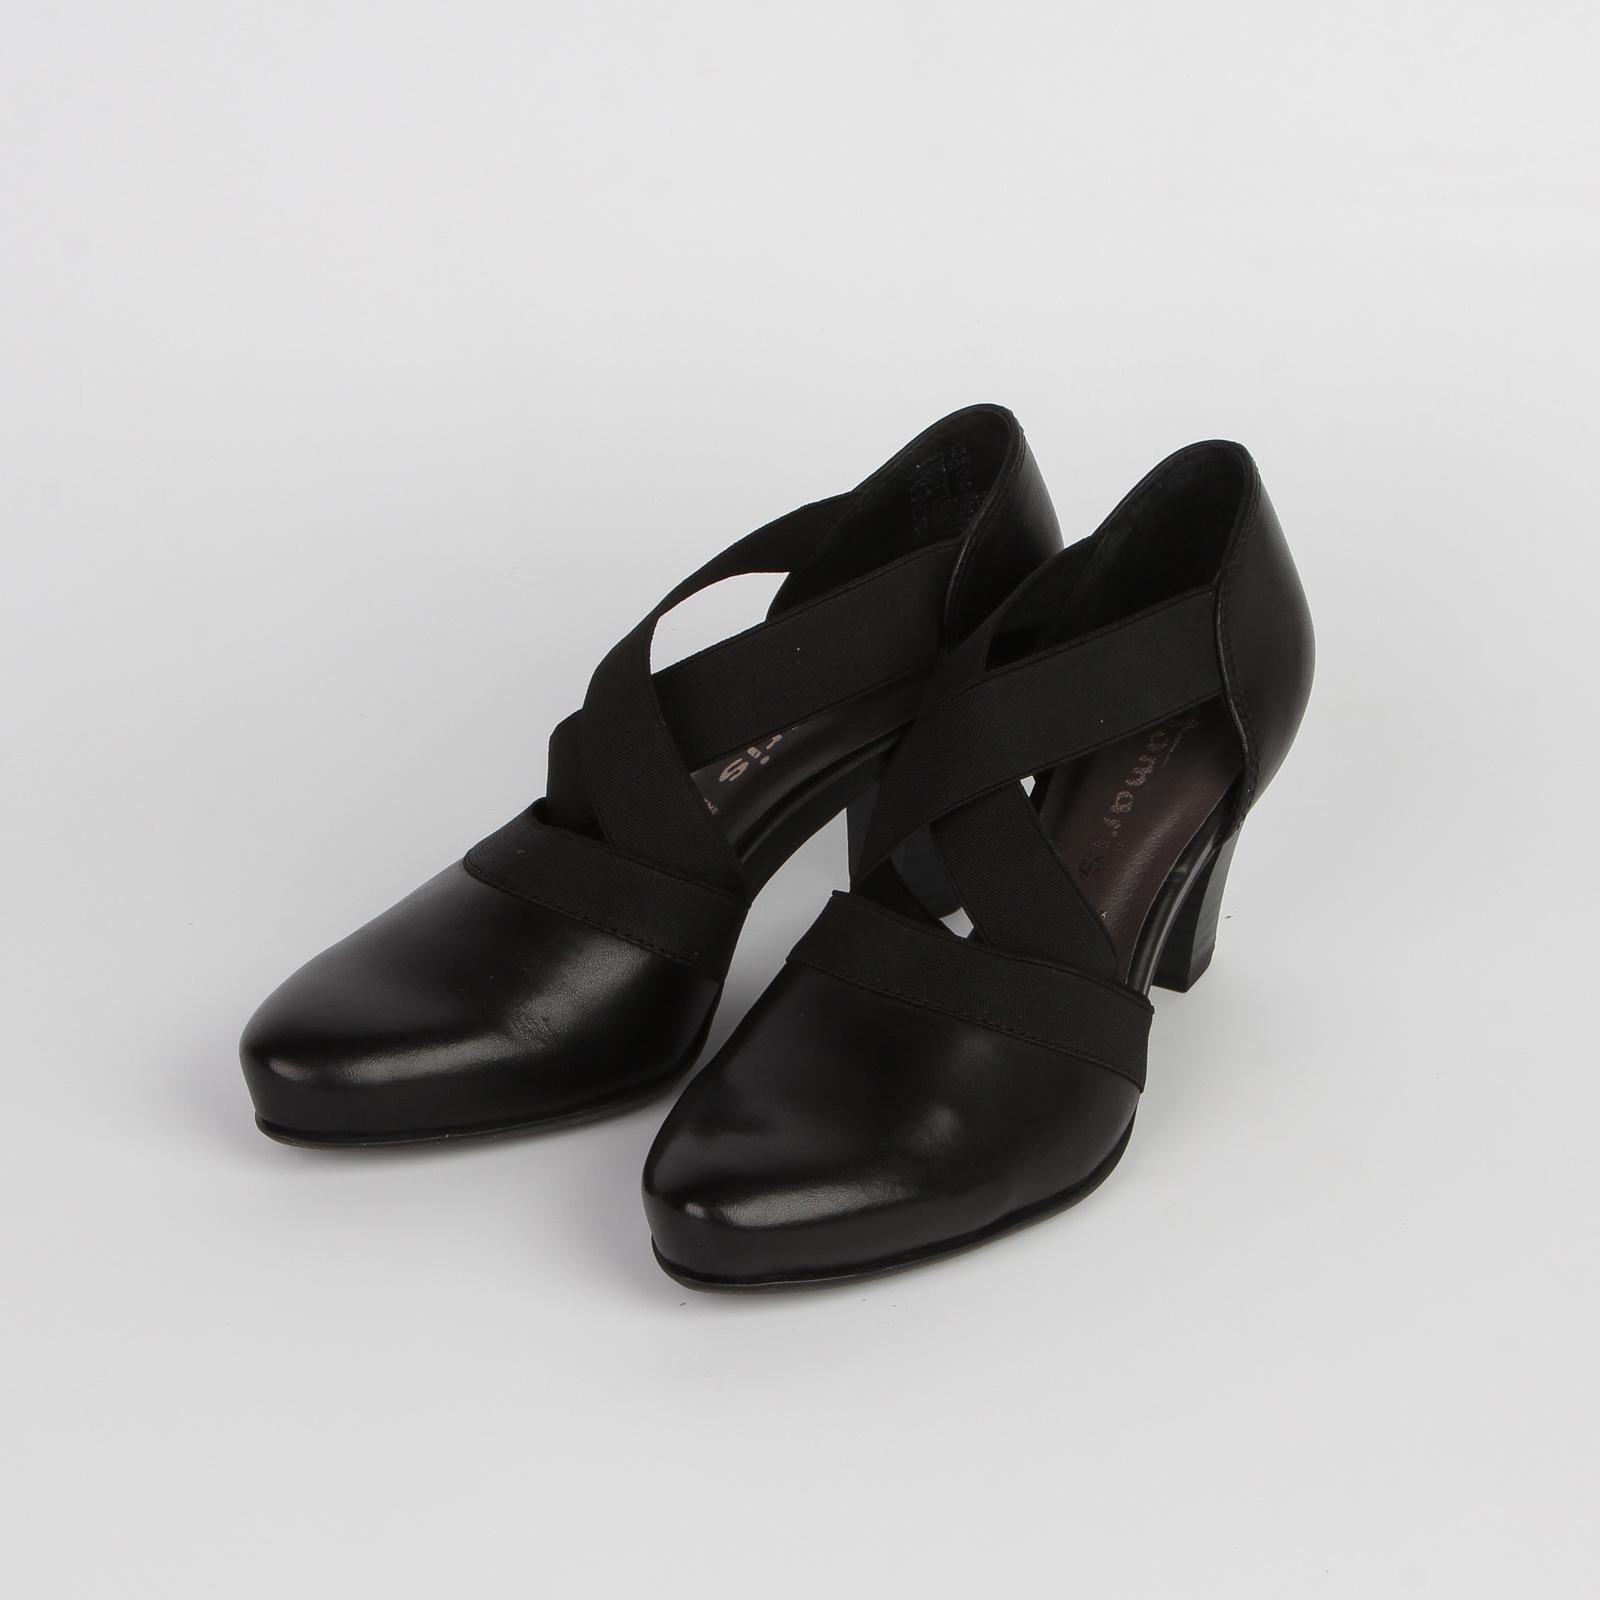 Туфли женские из натуральной кожи с эластичными ремешками